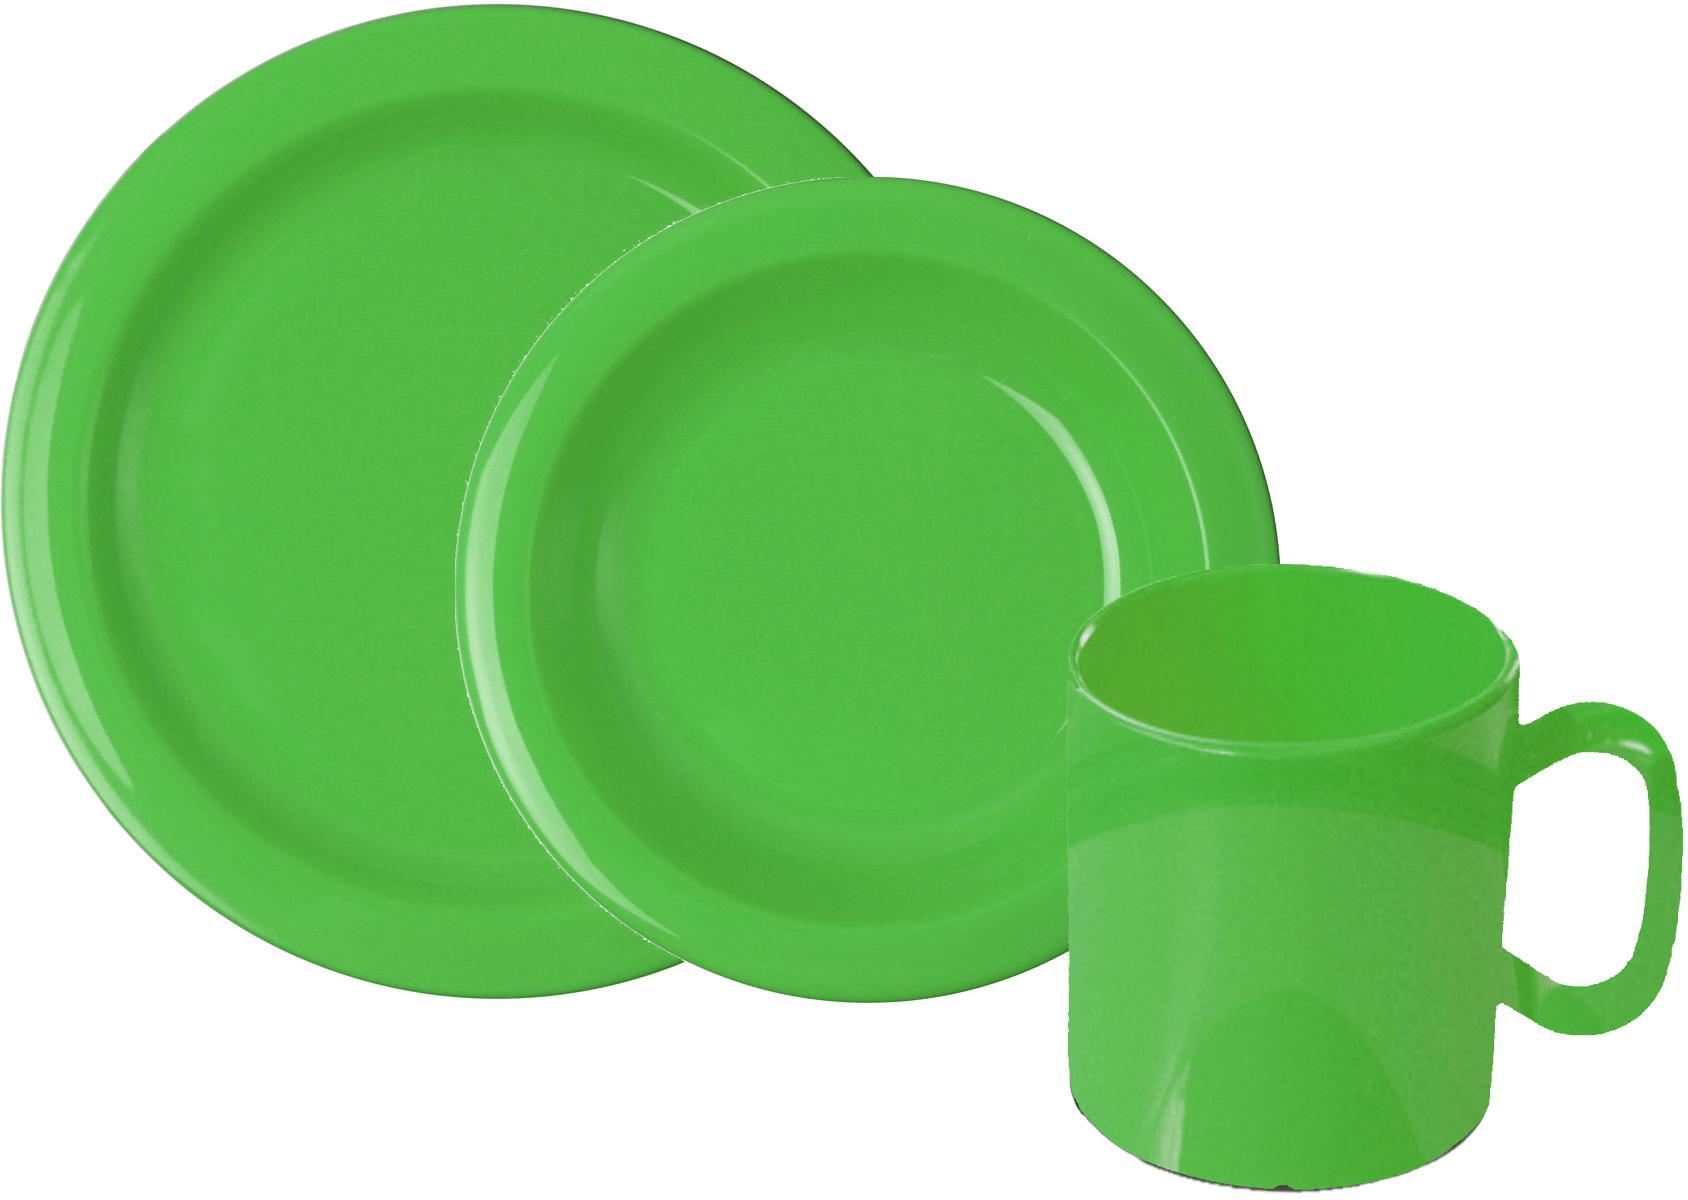 WACA Frühstücks-Geschirrset, (Set, 6 tlg.) grün Frühstücksset Eierbecher Geschirr, Porzellan Tischaccessoires Haushaltswaren Frühstücks-Geschirrset